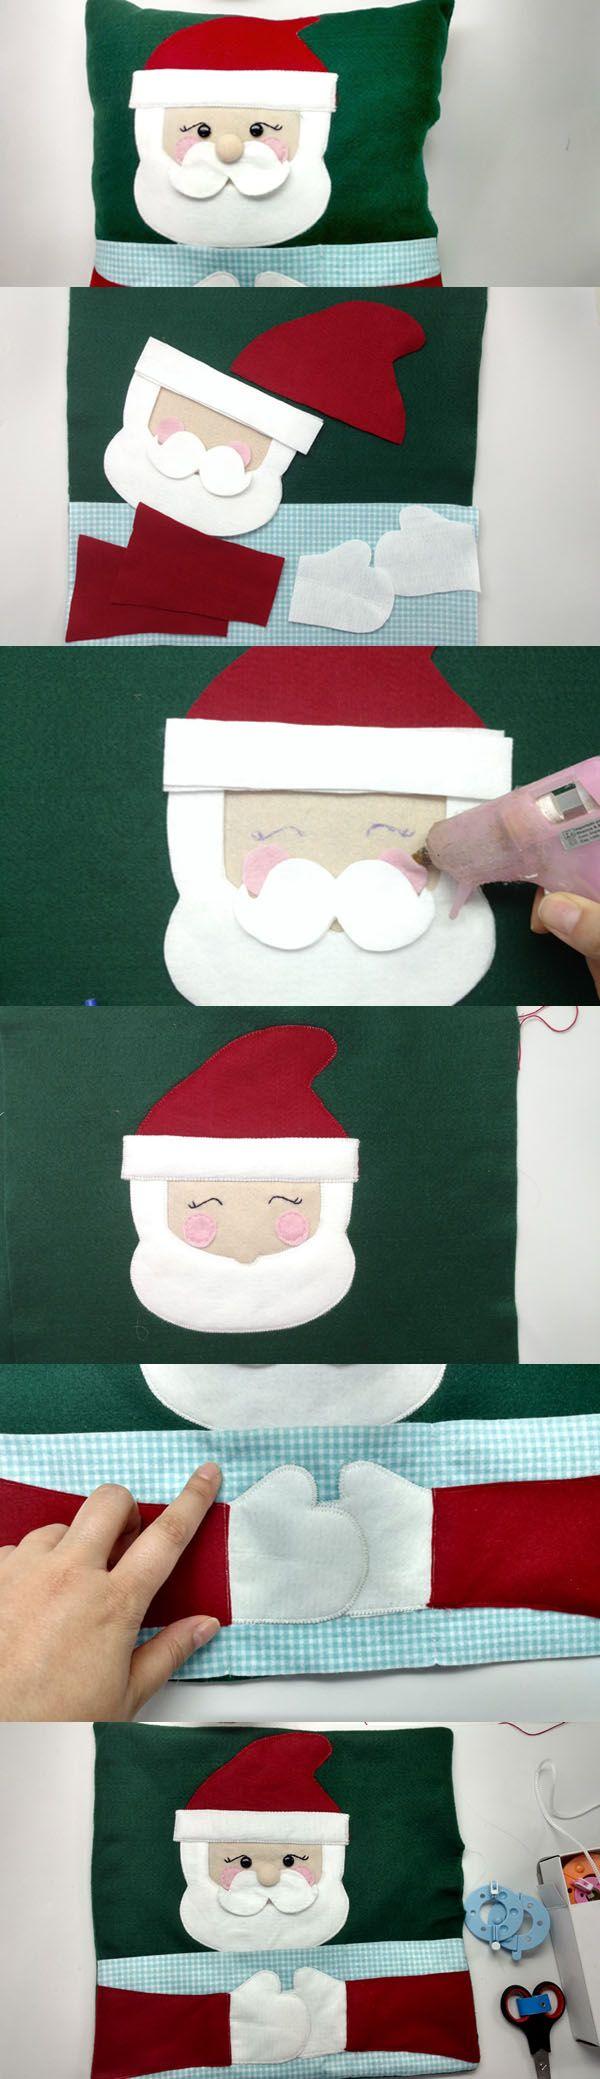 CLIQUE AQUI PARA ACESSAR O MOLDE - Como Fazer Almofada de Papai Noel em Feltro – Porta-Controle Remoto